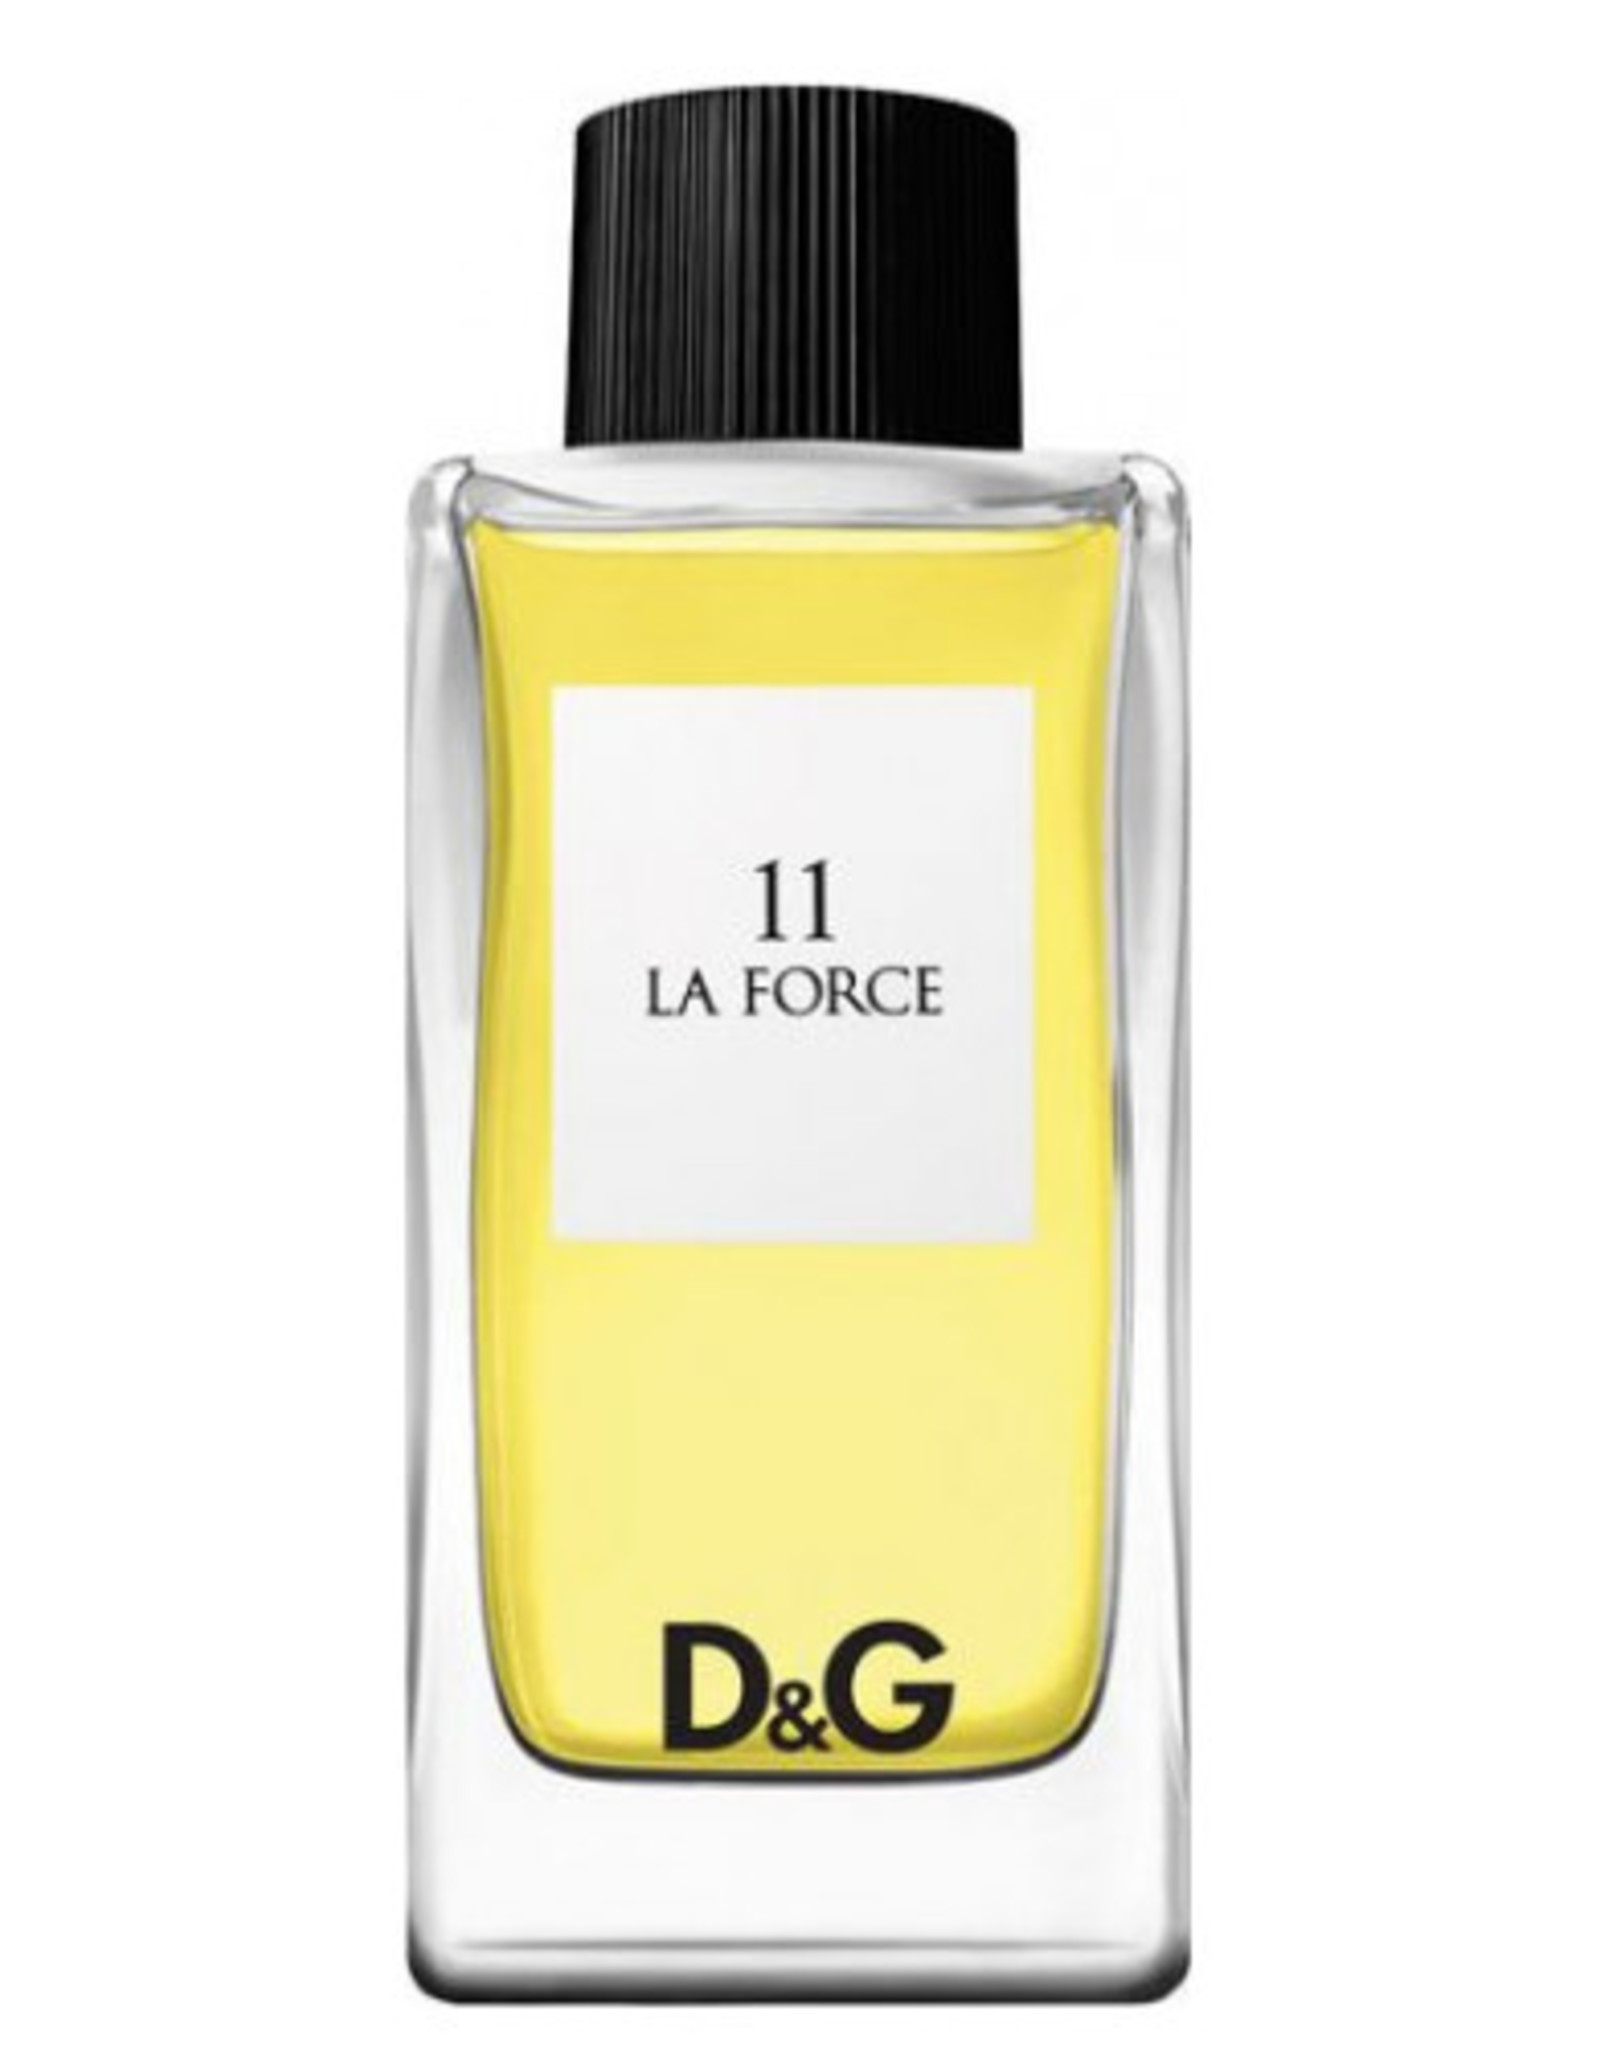 DOLCE & GABBANA DOLCE & GABBANA 11 LA FORCE